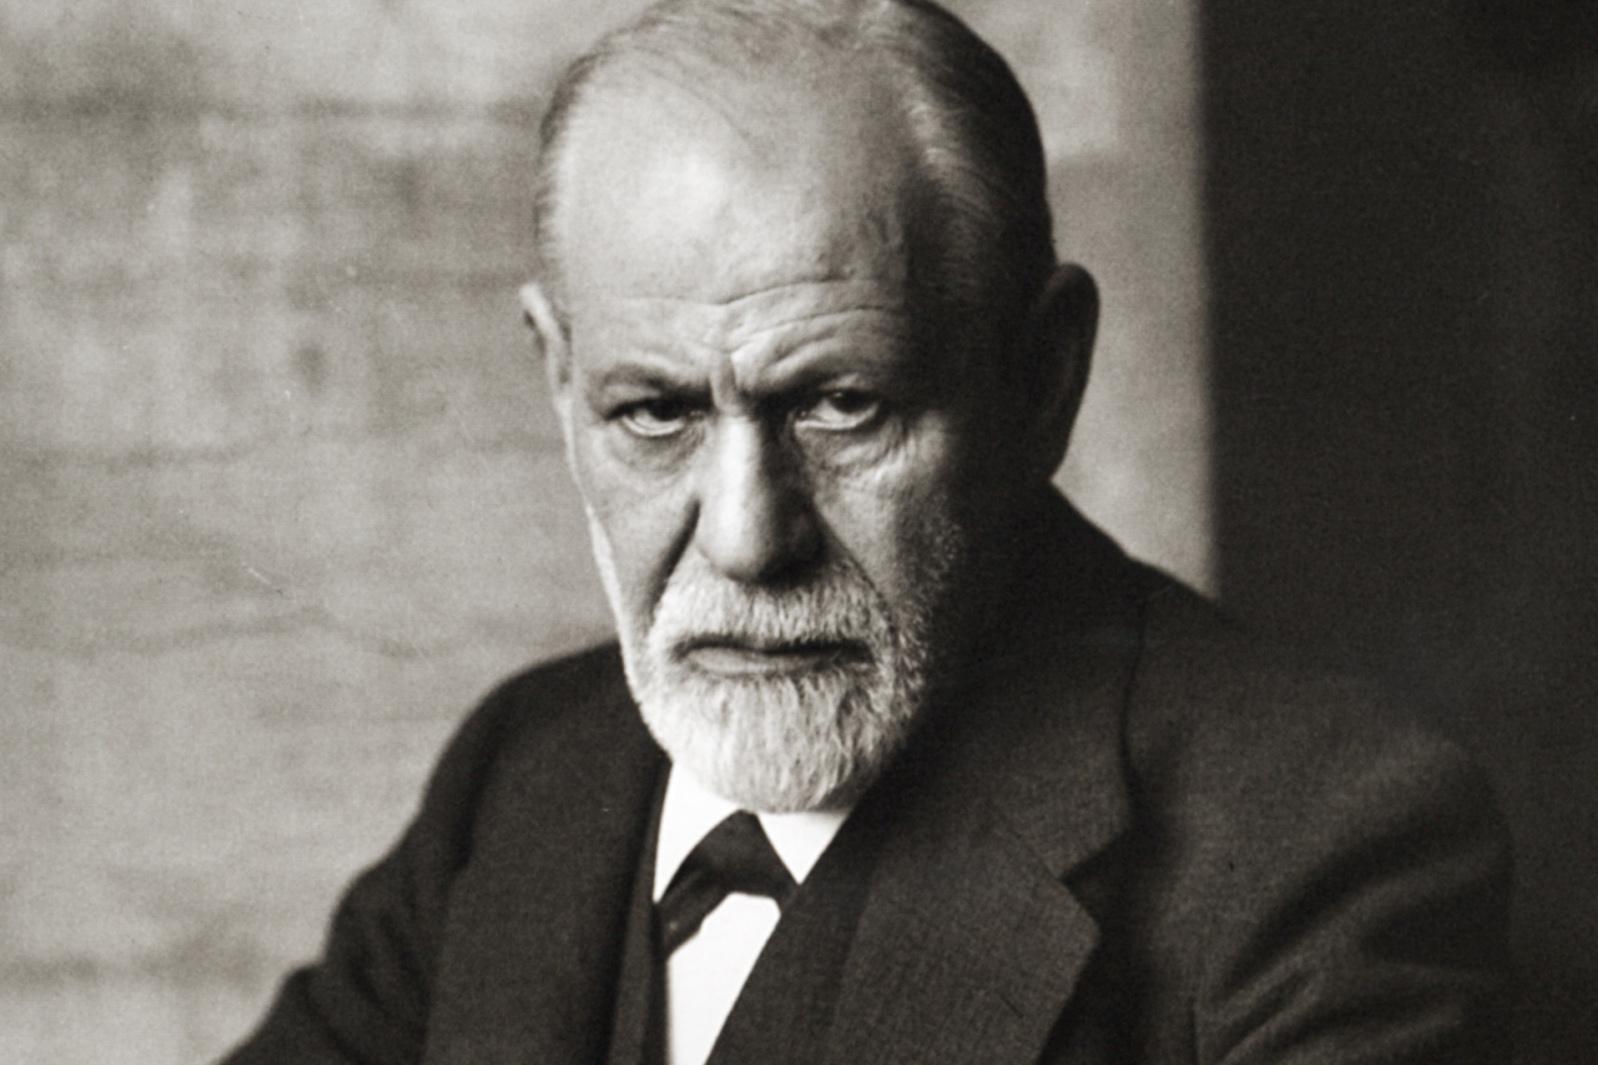 Sigmund_Freud_1926.jpg